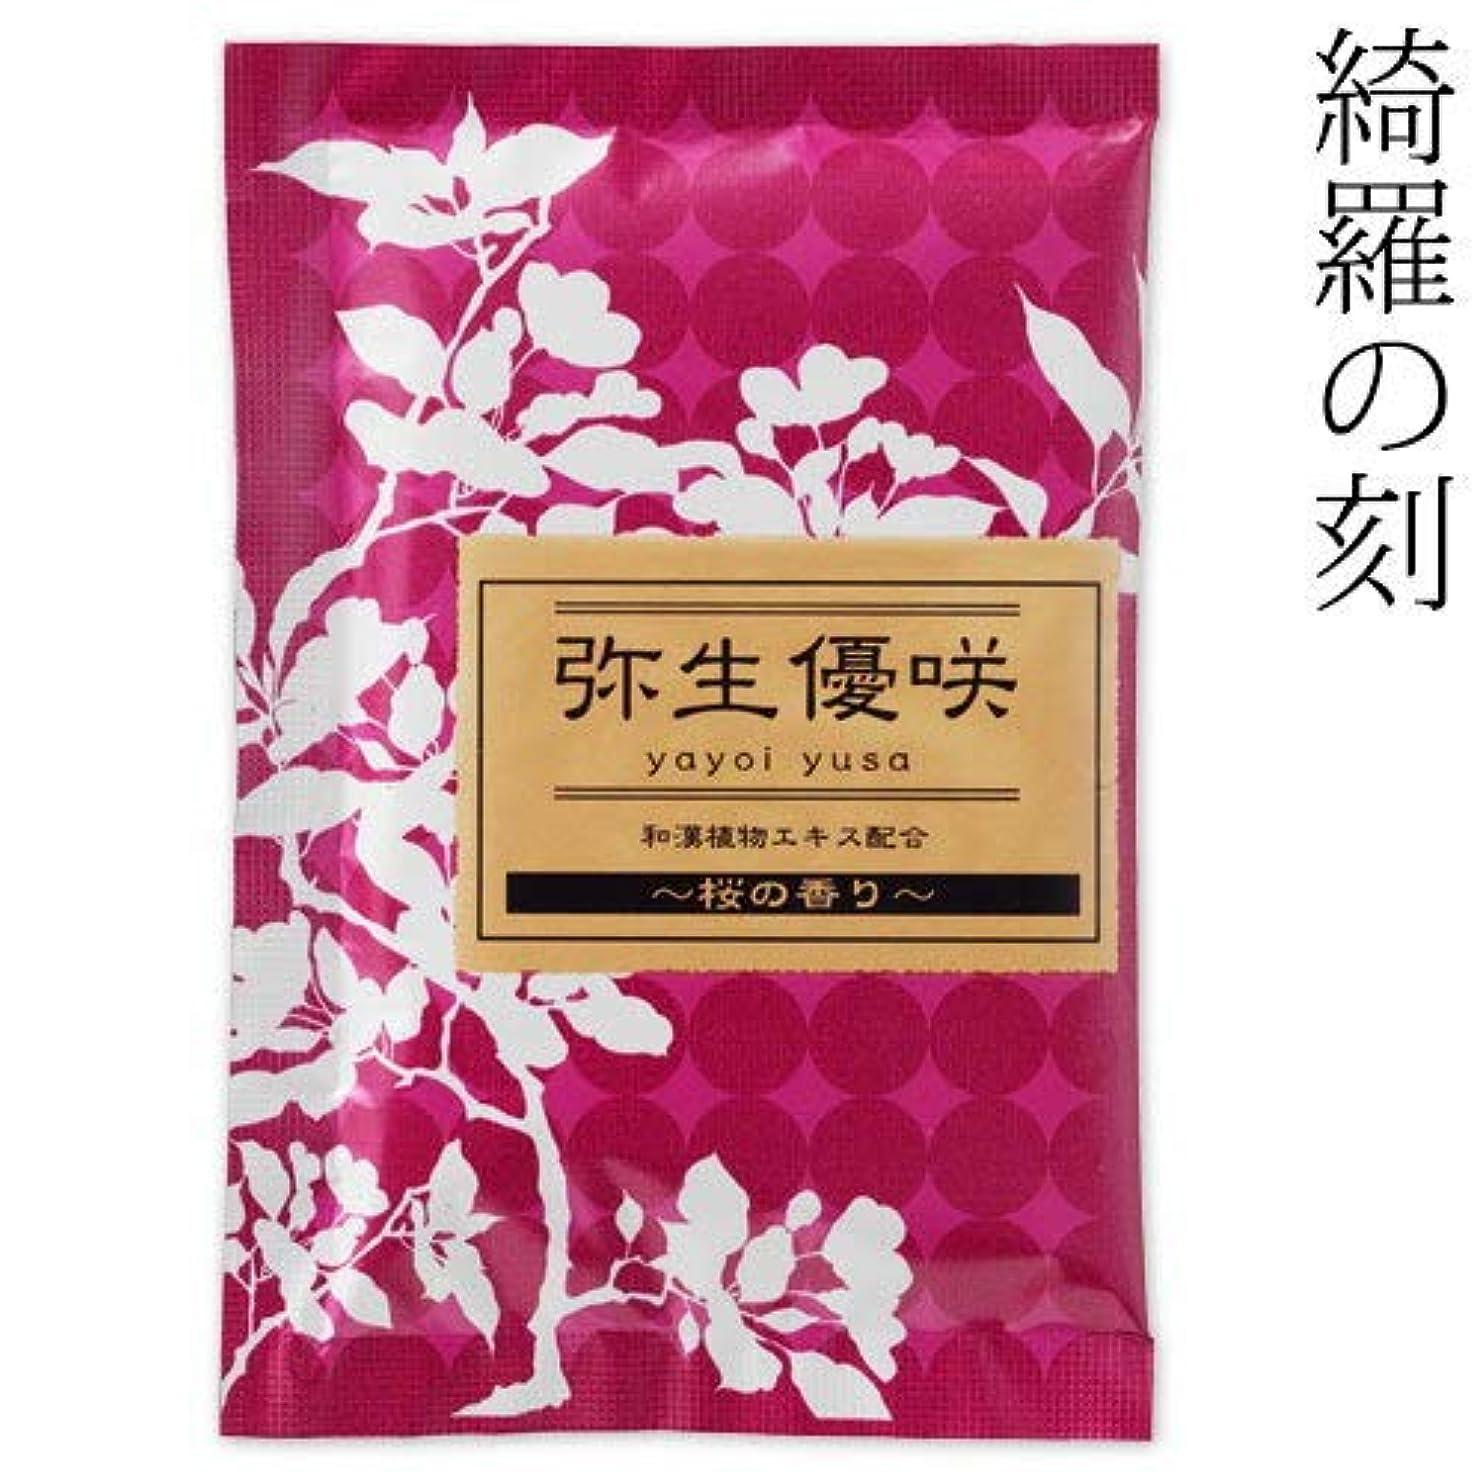 フリンジ憲法真鍮入浴剤綺羅の刻桜の香り弥生優咲1包石川県のお風呂グッズBath additive, Ishikawa craft